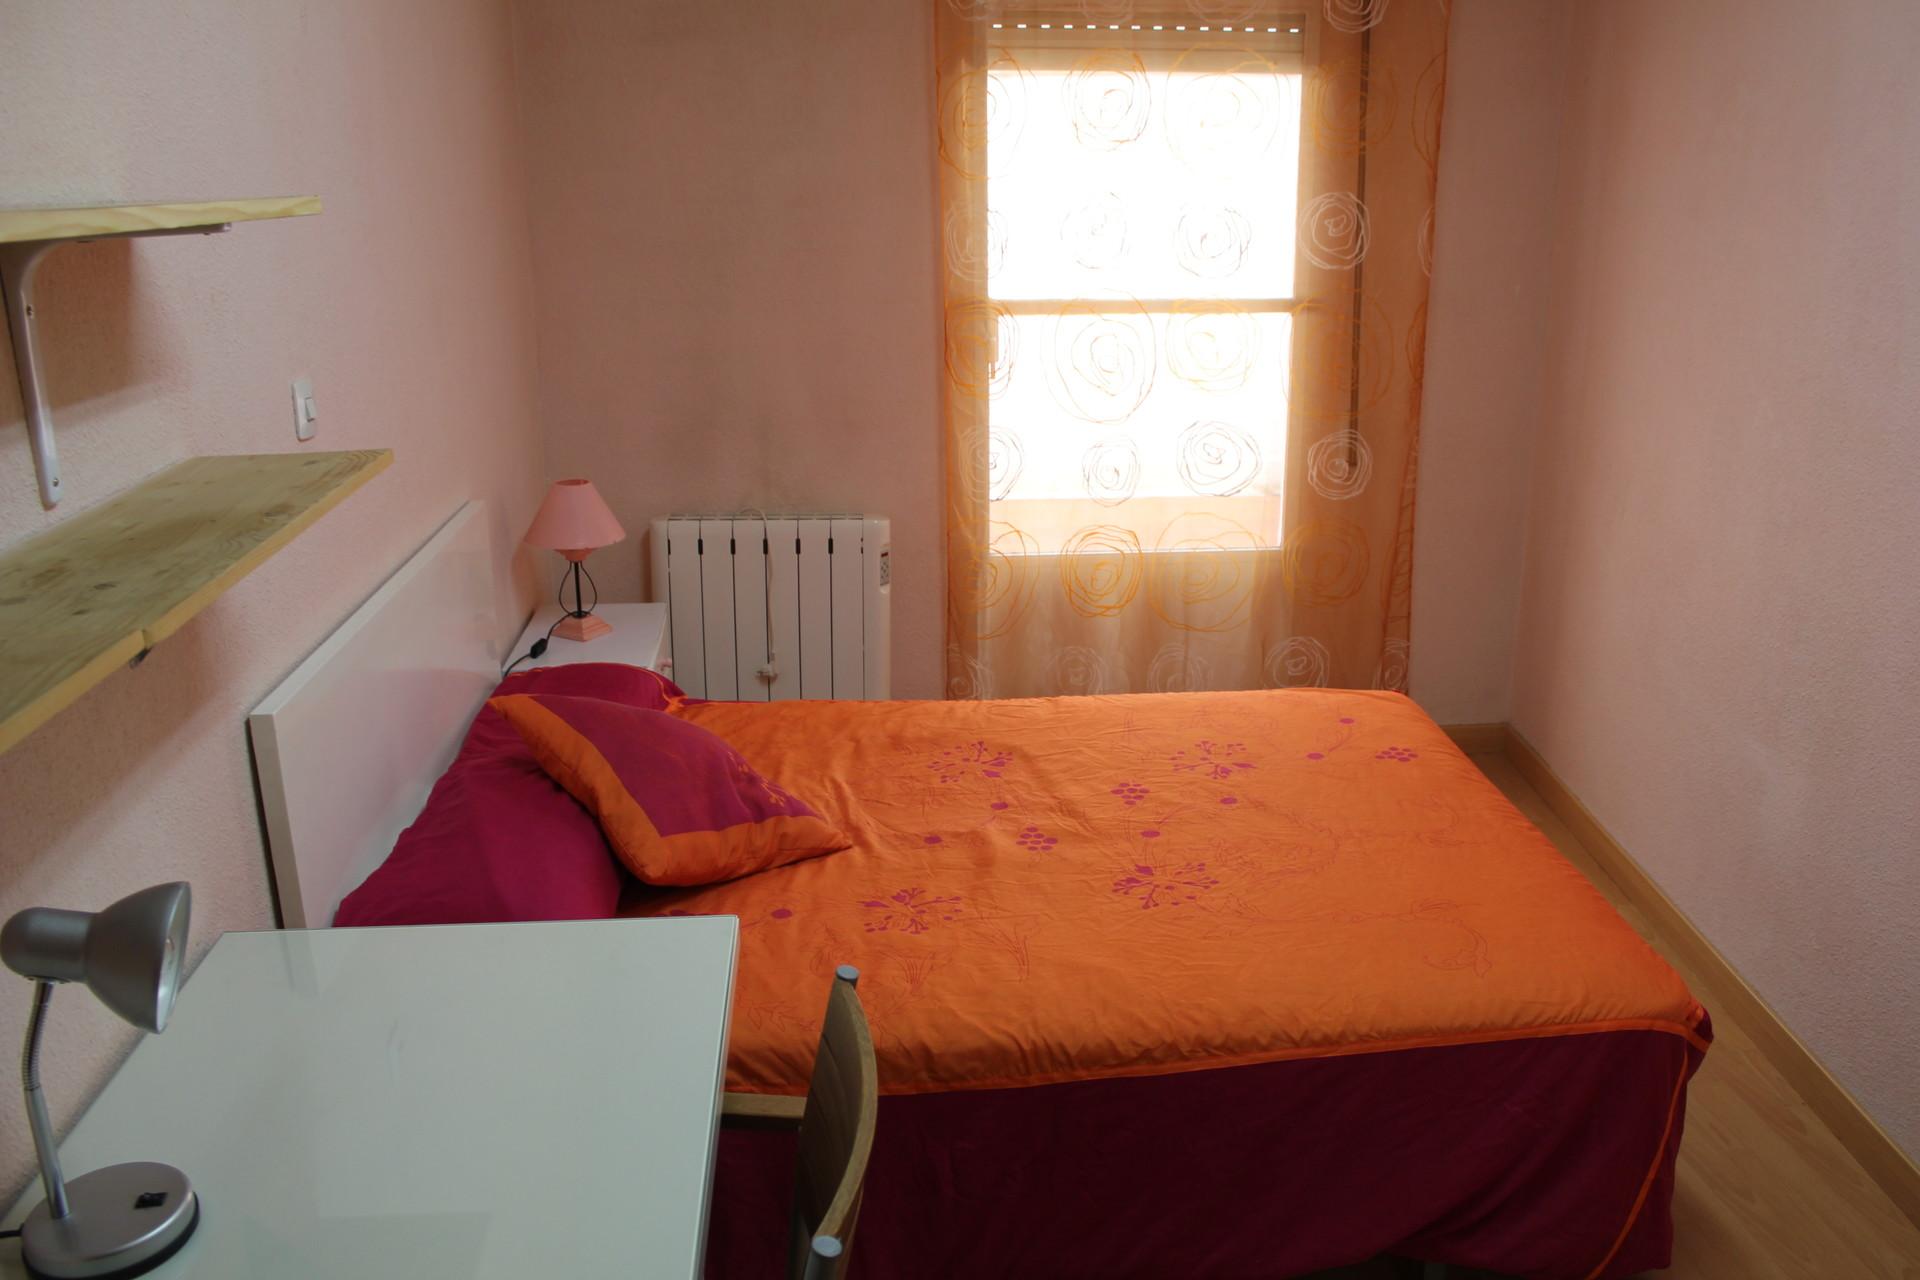 beautiful-room-near-carlos-iii-university-getafe-0d68efb8578060cbf3fb6ae44ec3537d